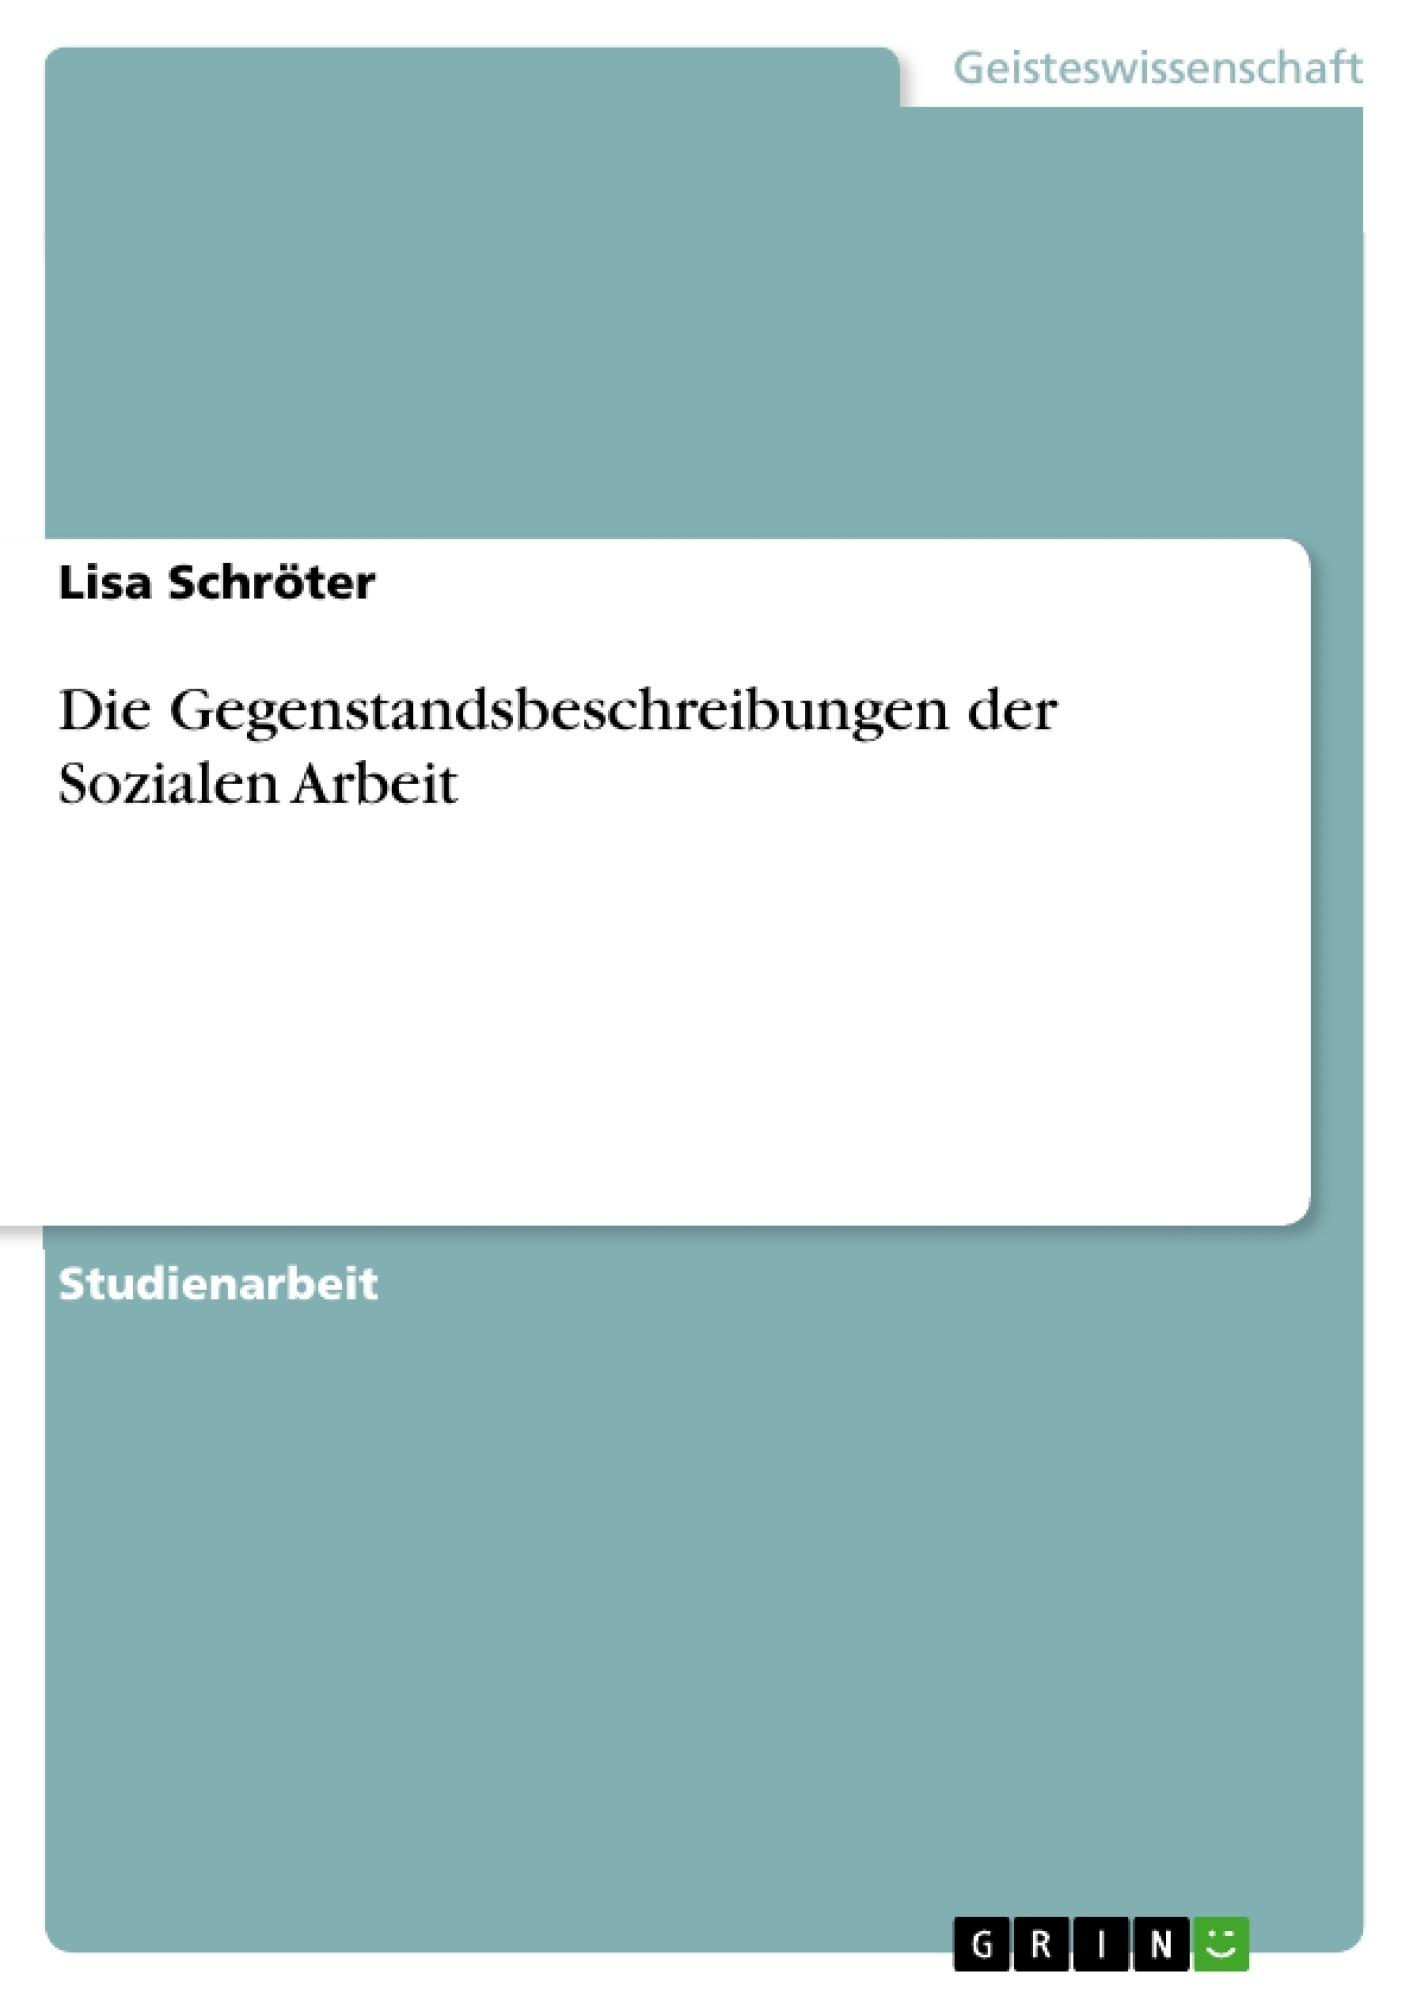 Titel: Die Gegenstandsbeschreibungen der Sozialen Arbeit